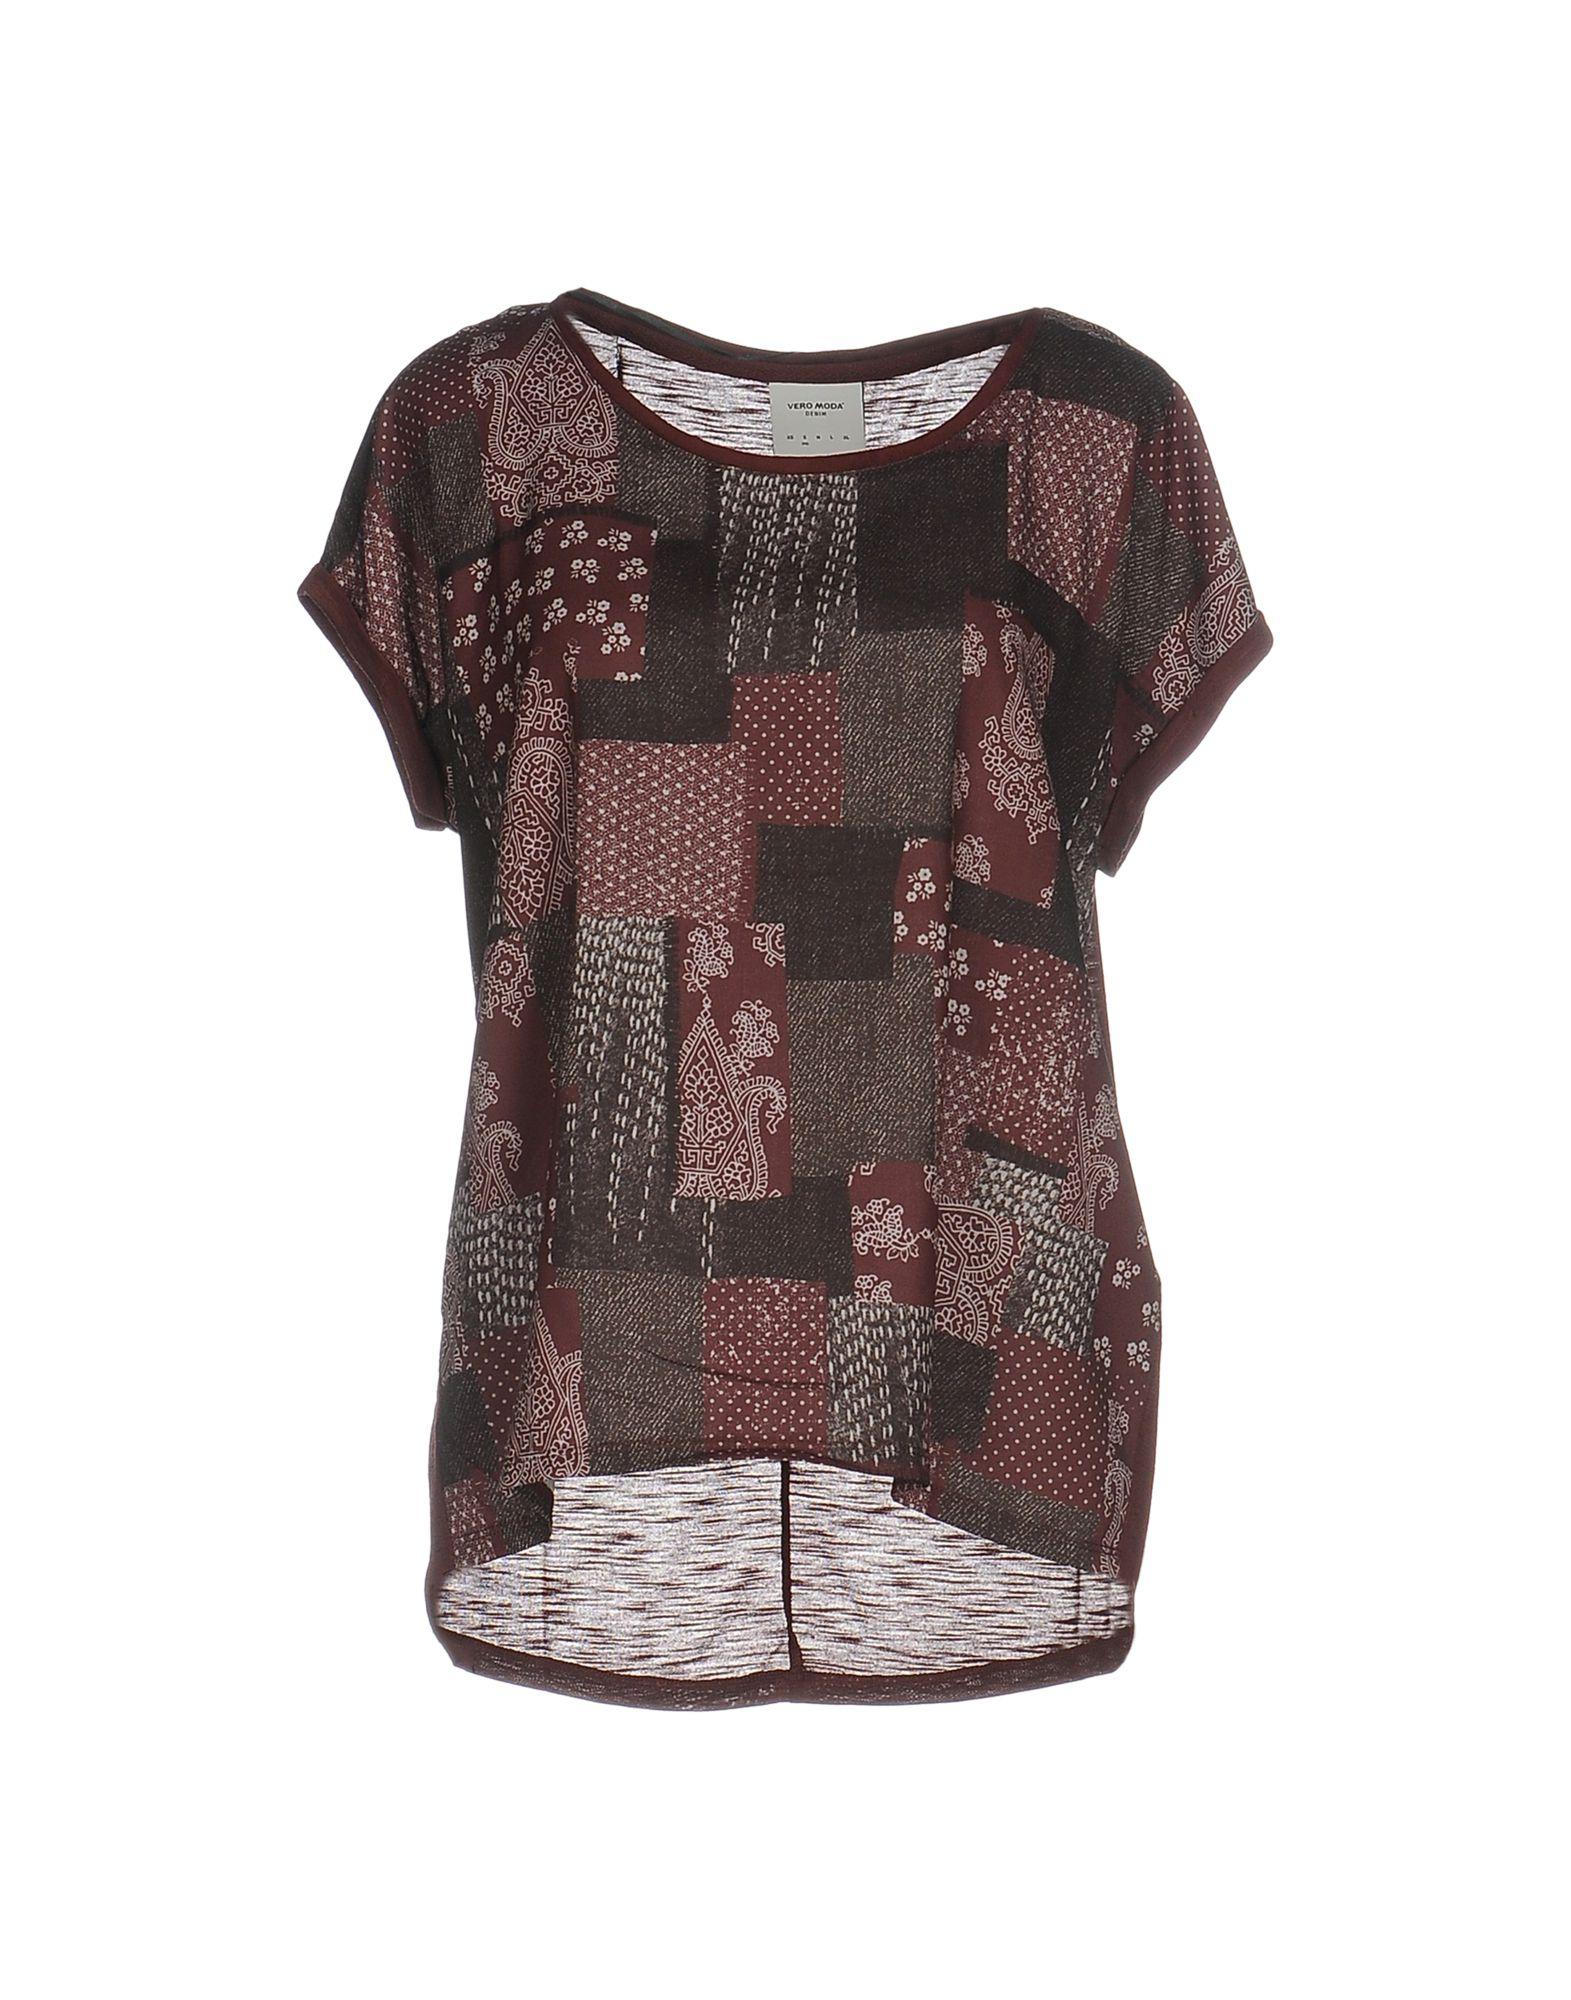 VERO MODA JEANS Блузка блузка quelle vero moda 1018139